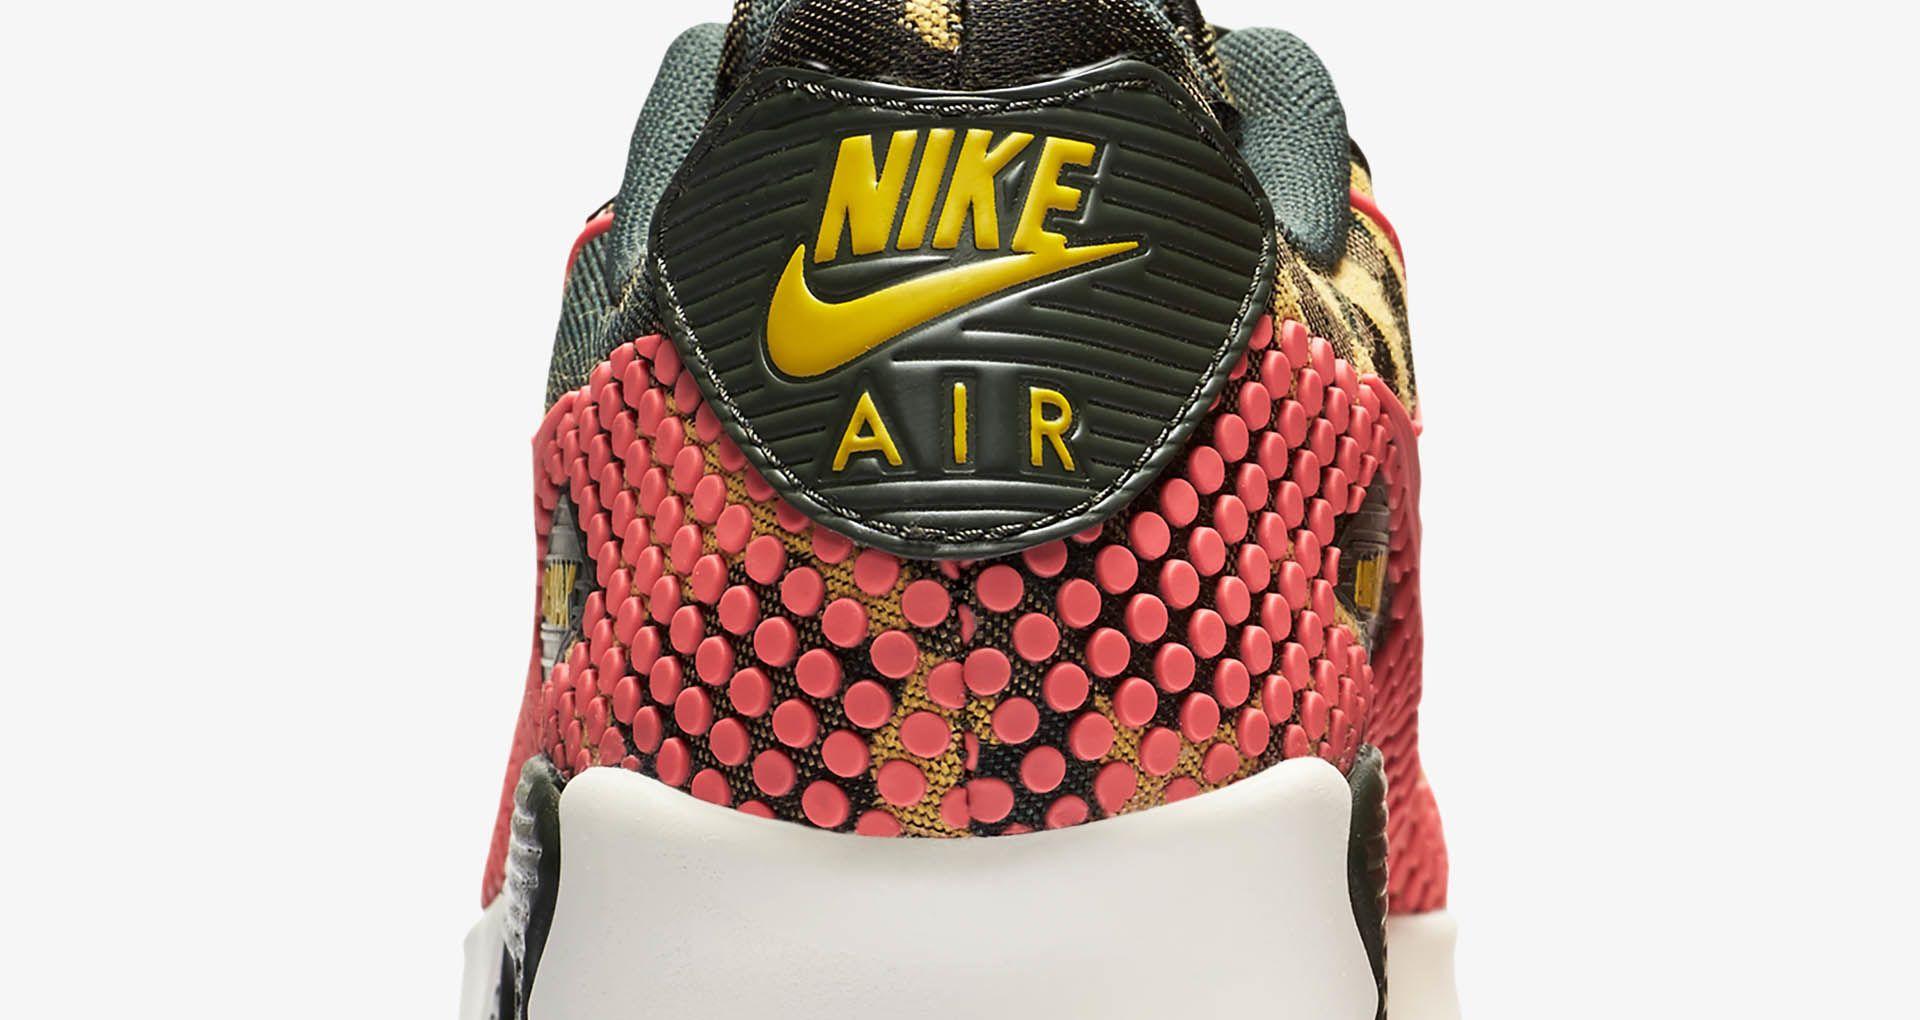 _Womens Sneakers Nike Air Max 90 Jacquard